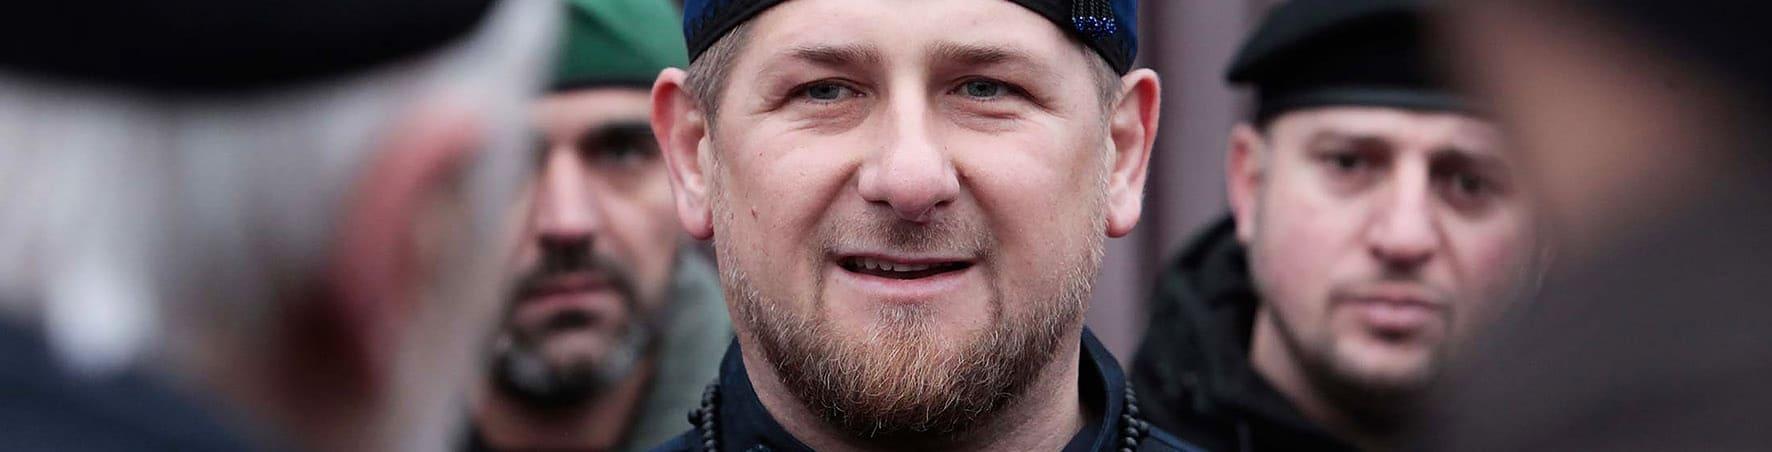 Реклама на радио в Чечне аудио